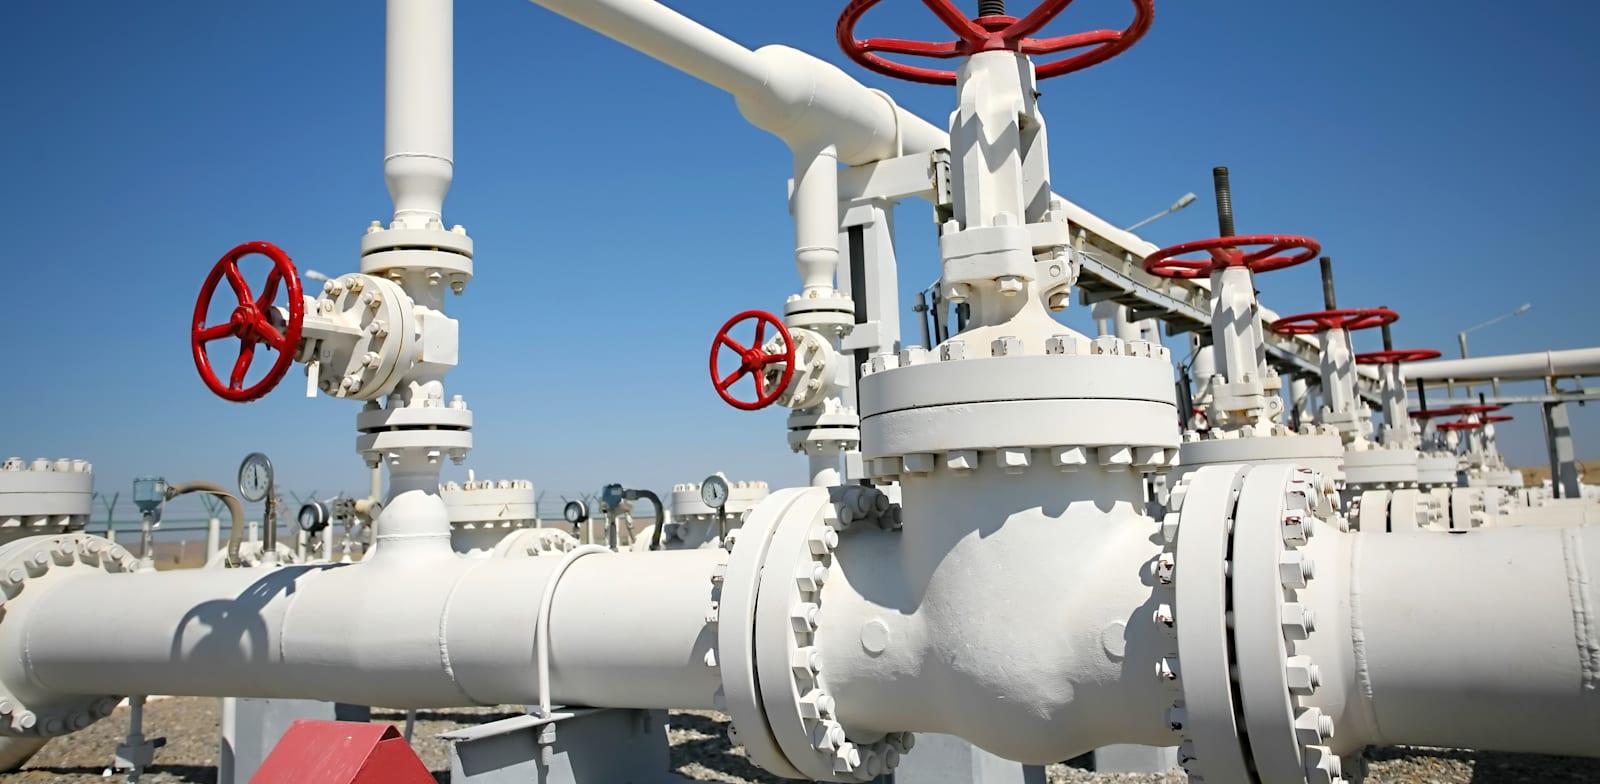 גז טבעי / צילום: Shutterstock, INSAGO